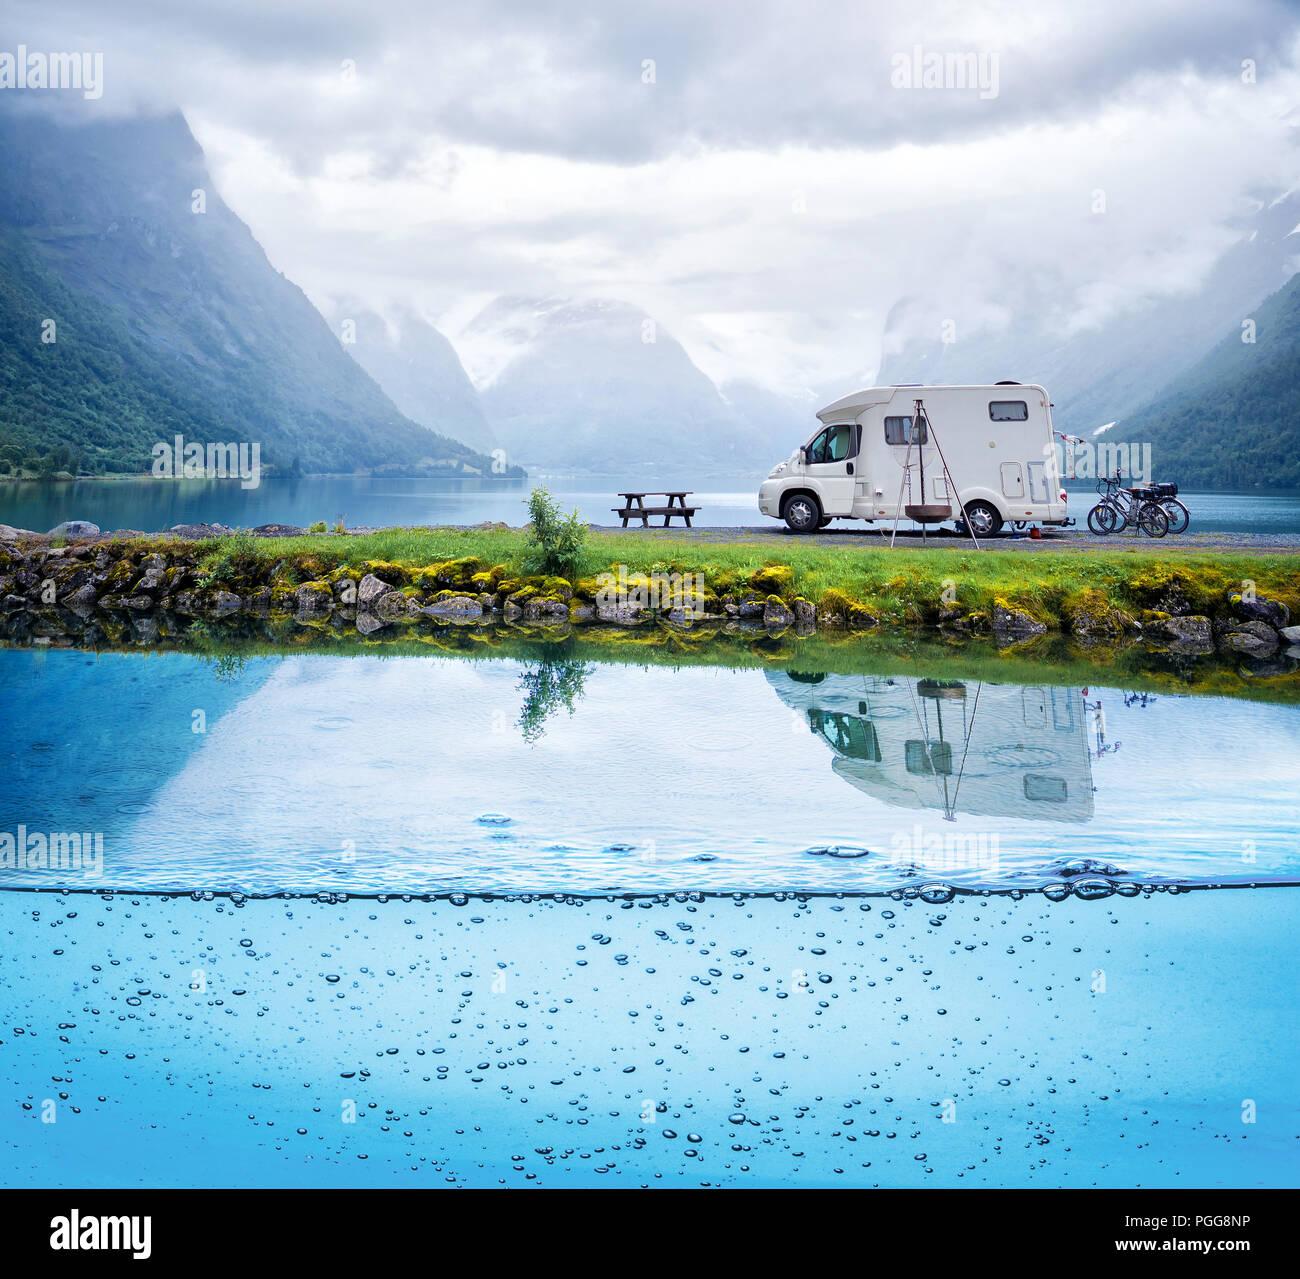 Vacances famille billet RV, vacances voyage en camping-car, caravane location de vacances. Belle Nature Norvège paysage naturel. Photo Stock